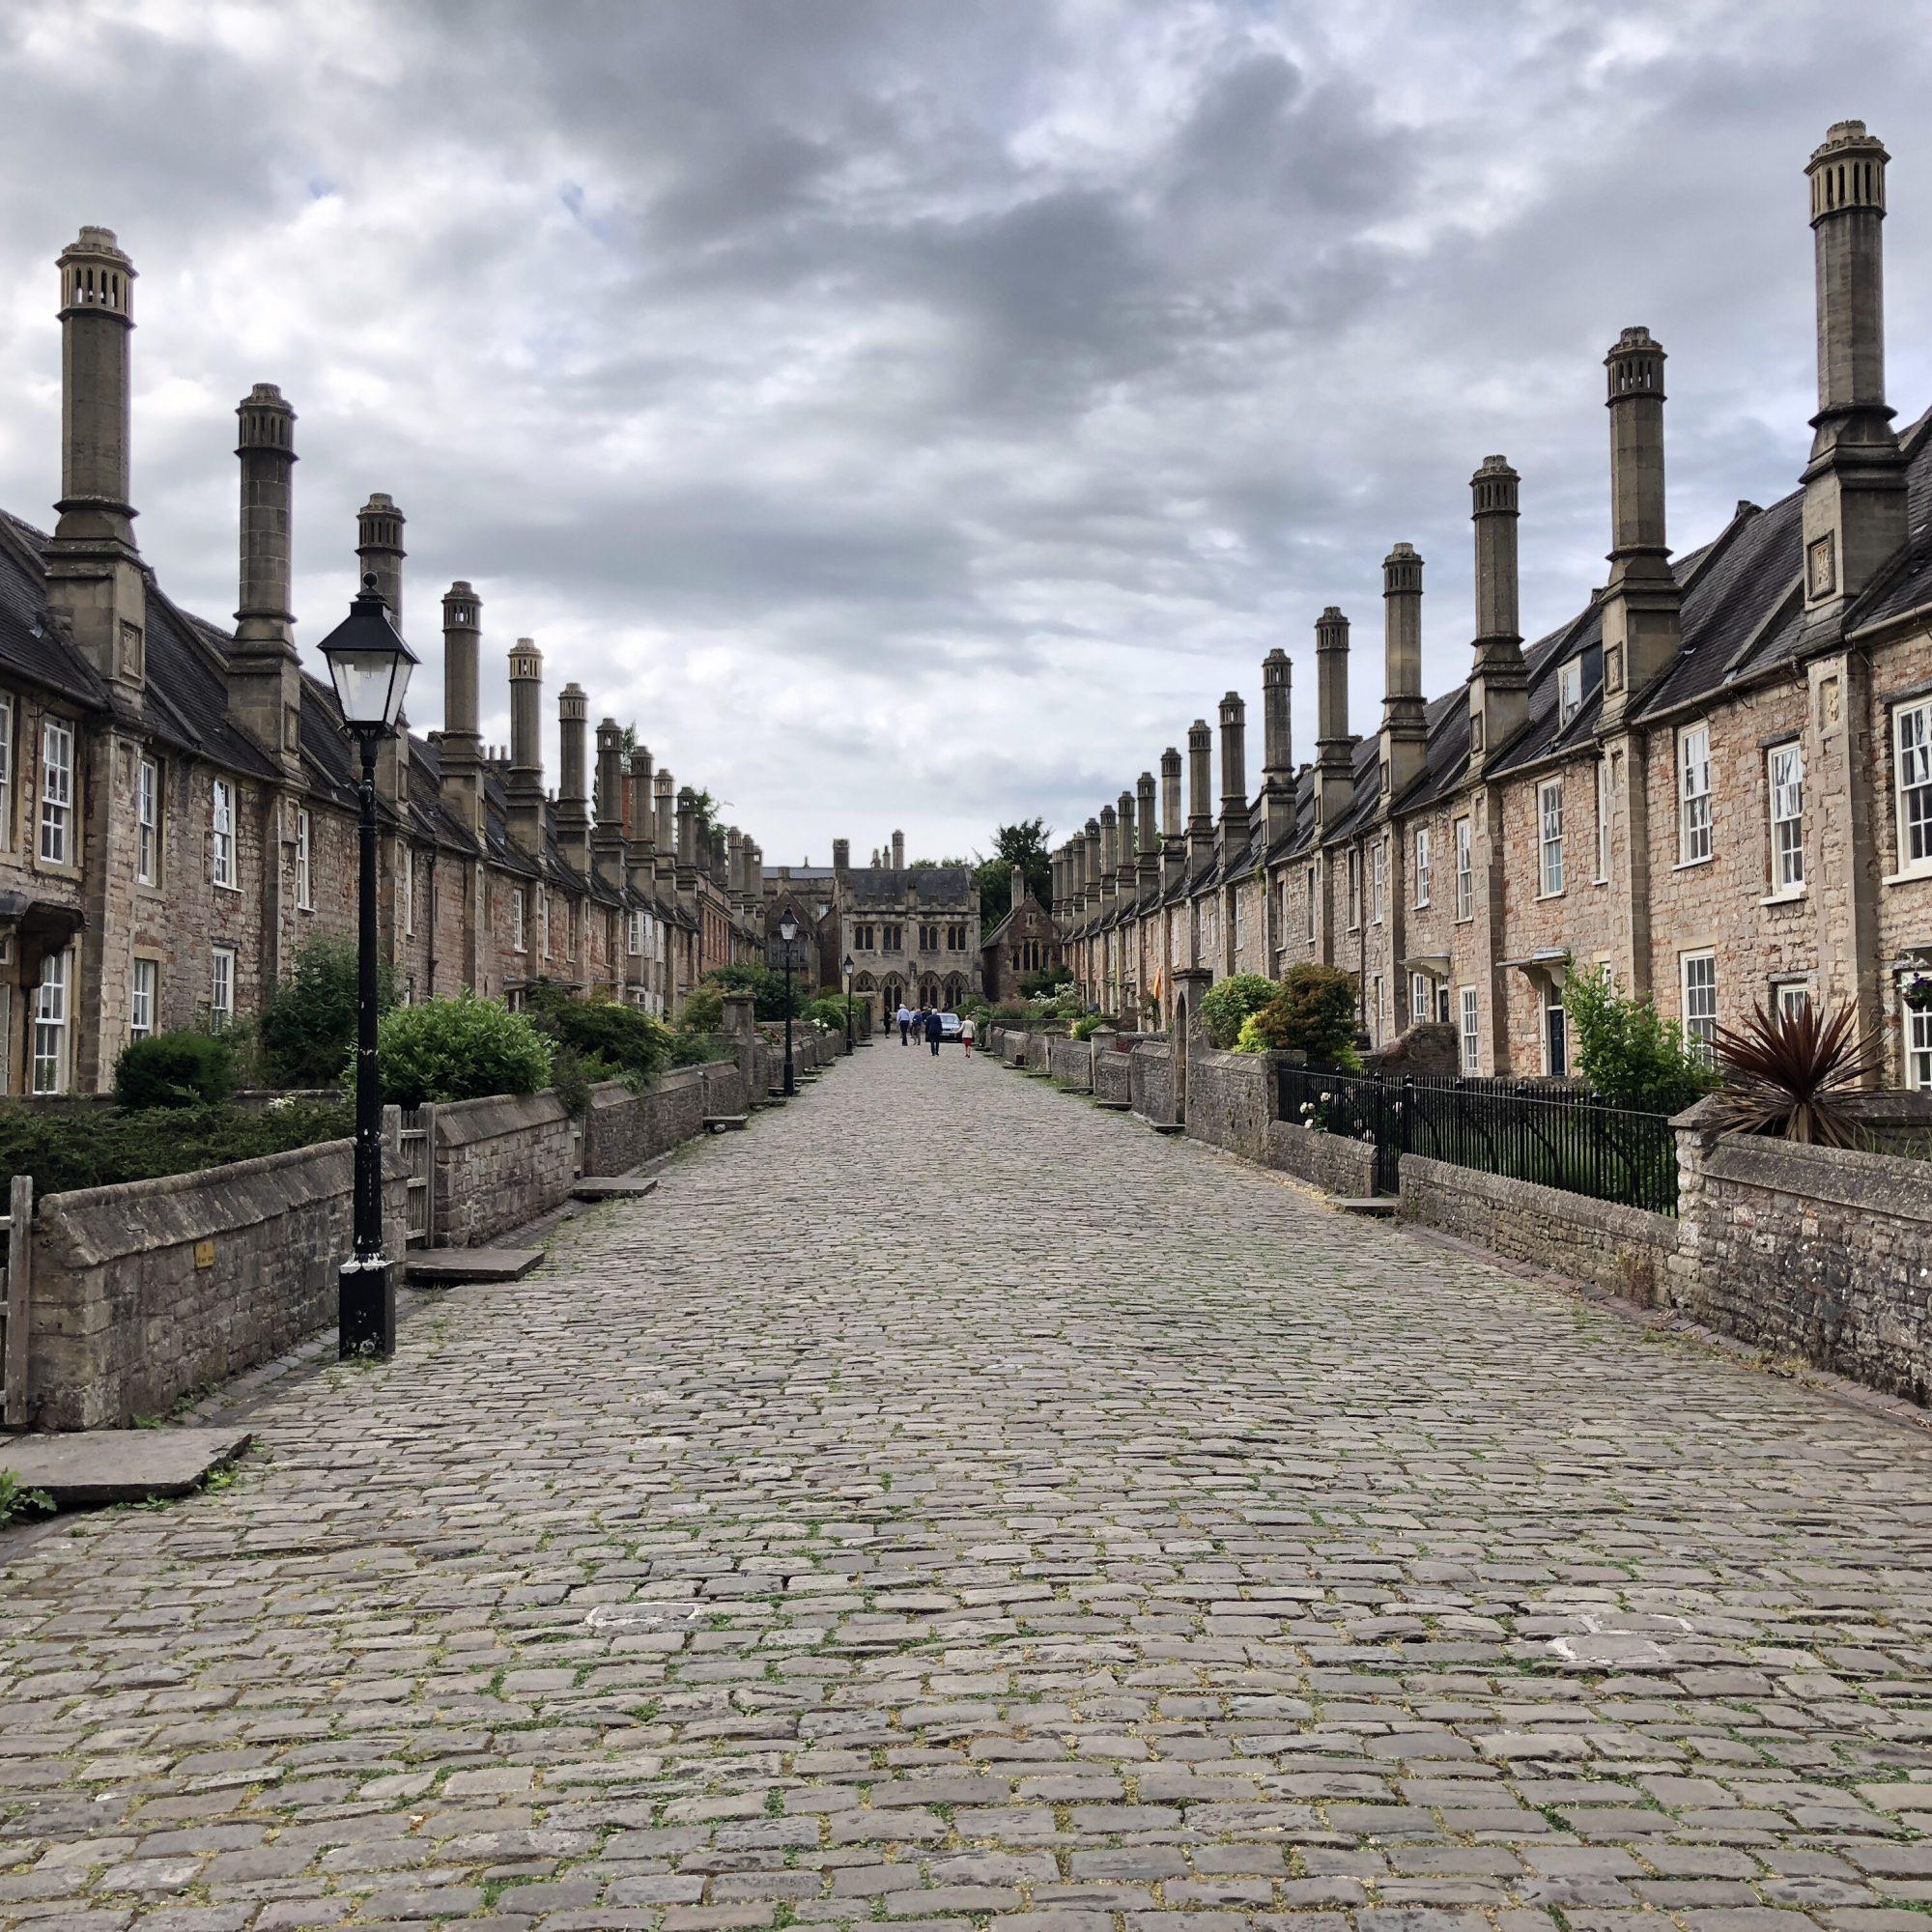 Vicar's Close - Europas äldsta gata